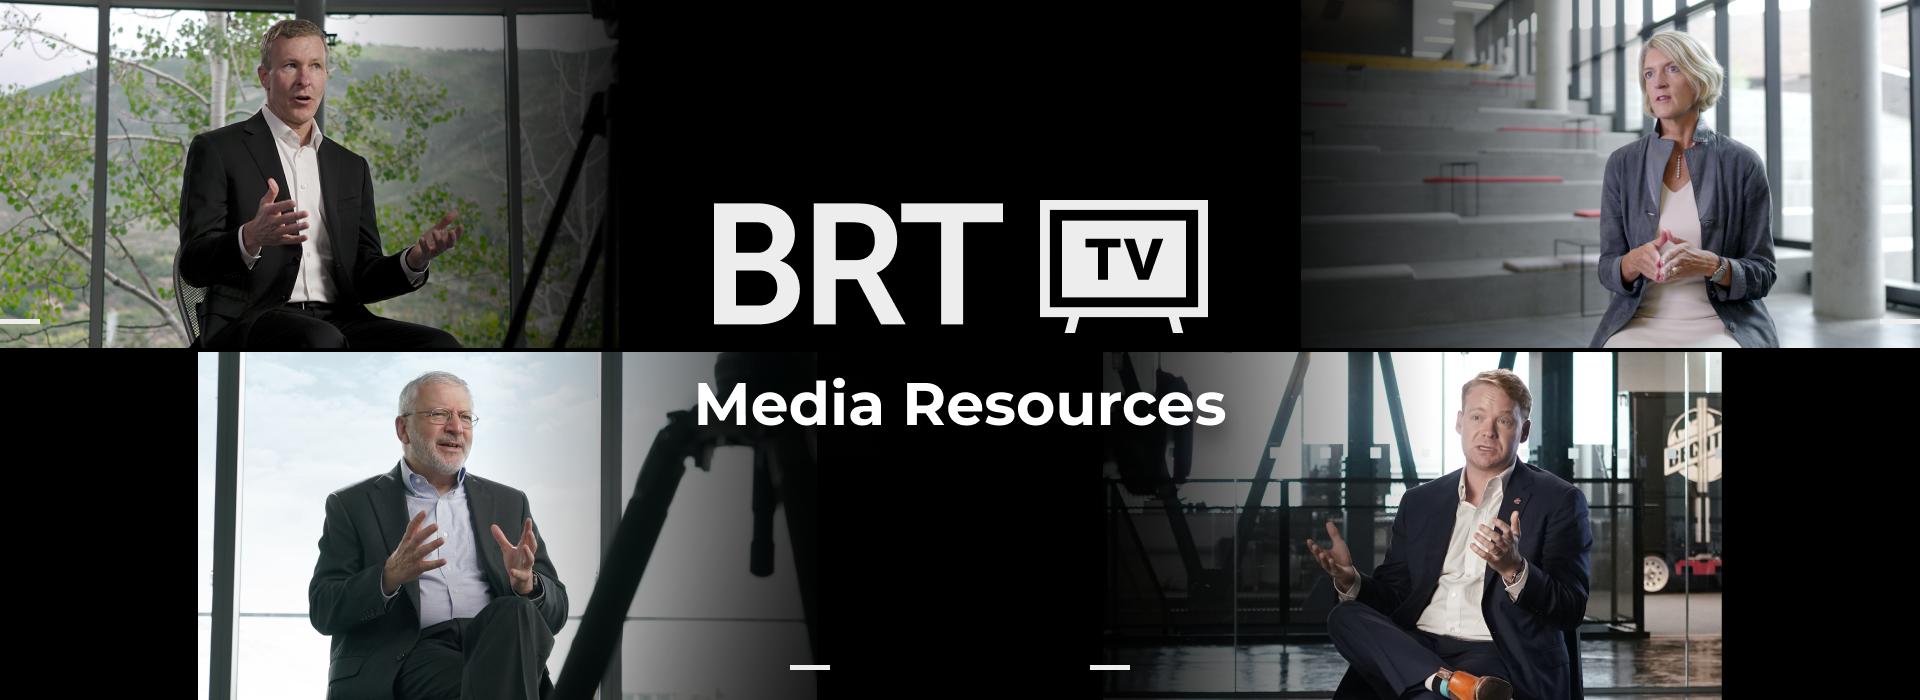 BRT TV - Media Resources